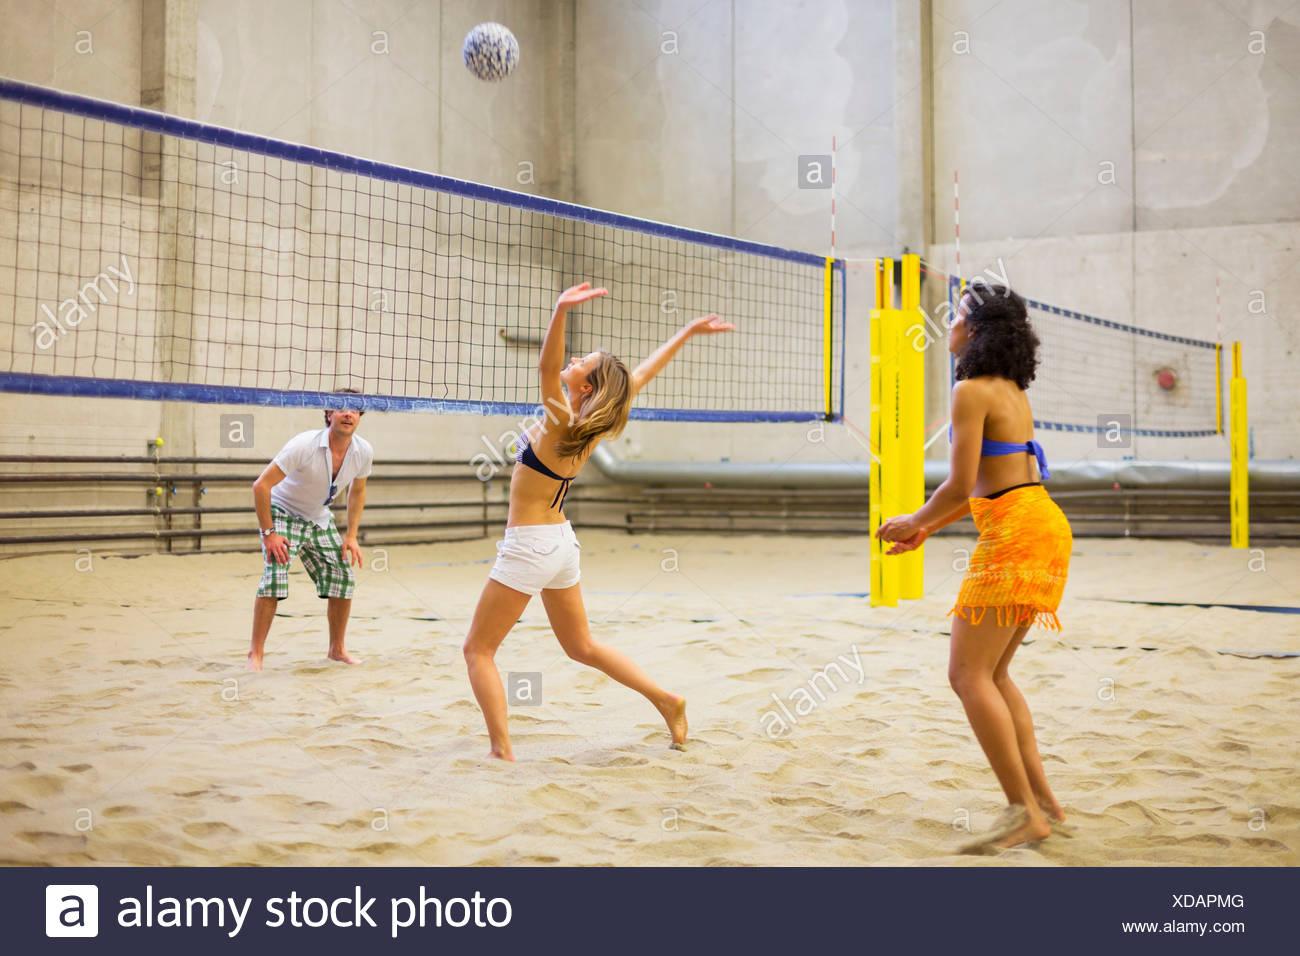 Freunde spielen indoor Beach-volleyball Stockfoto, Bild: 283593760 ...